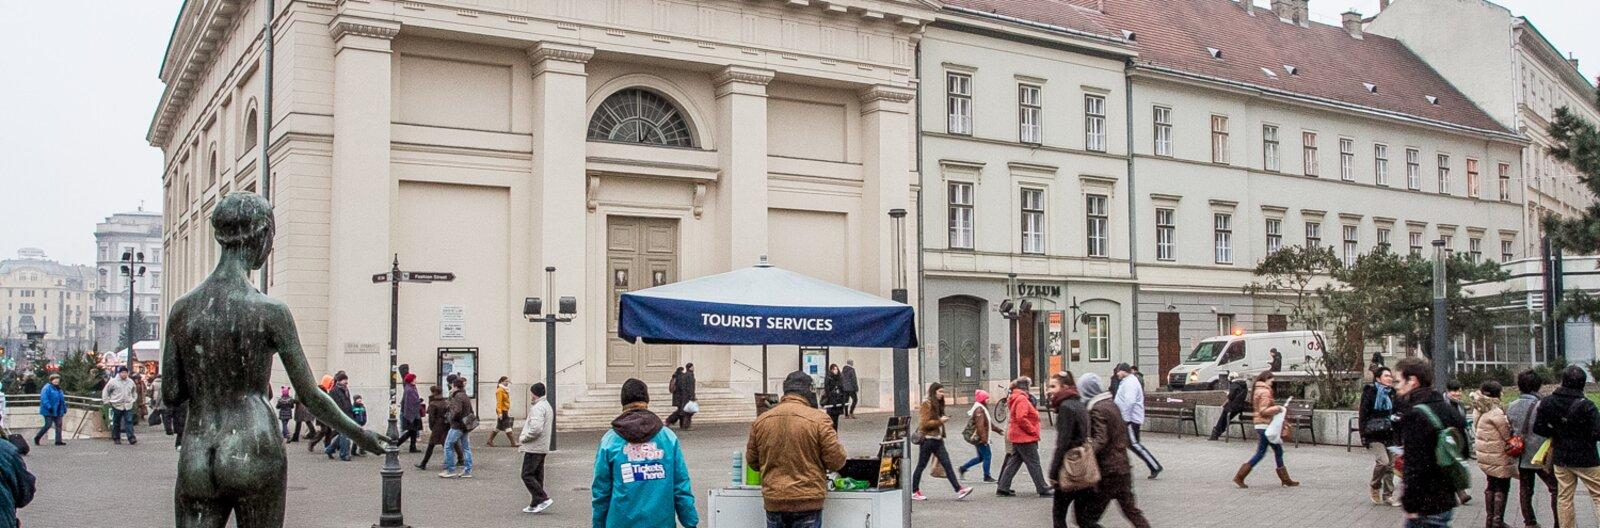 Íme Budapest szerintünk 9 legközhelyesebb találkozóhelye